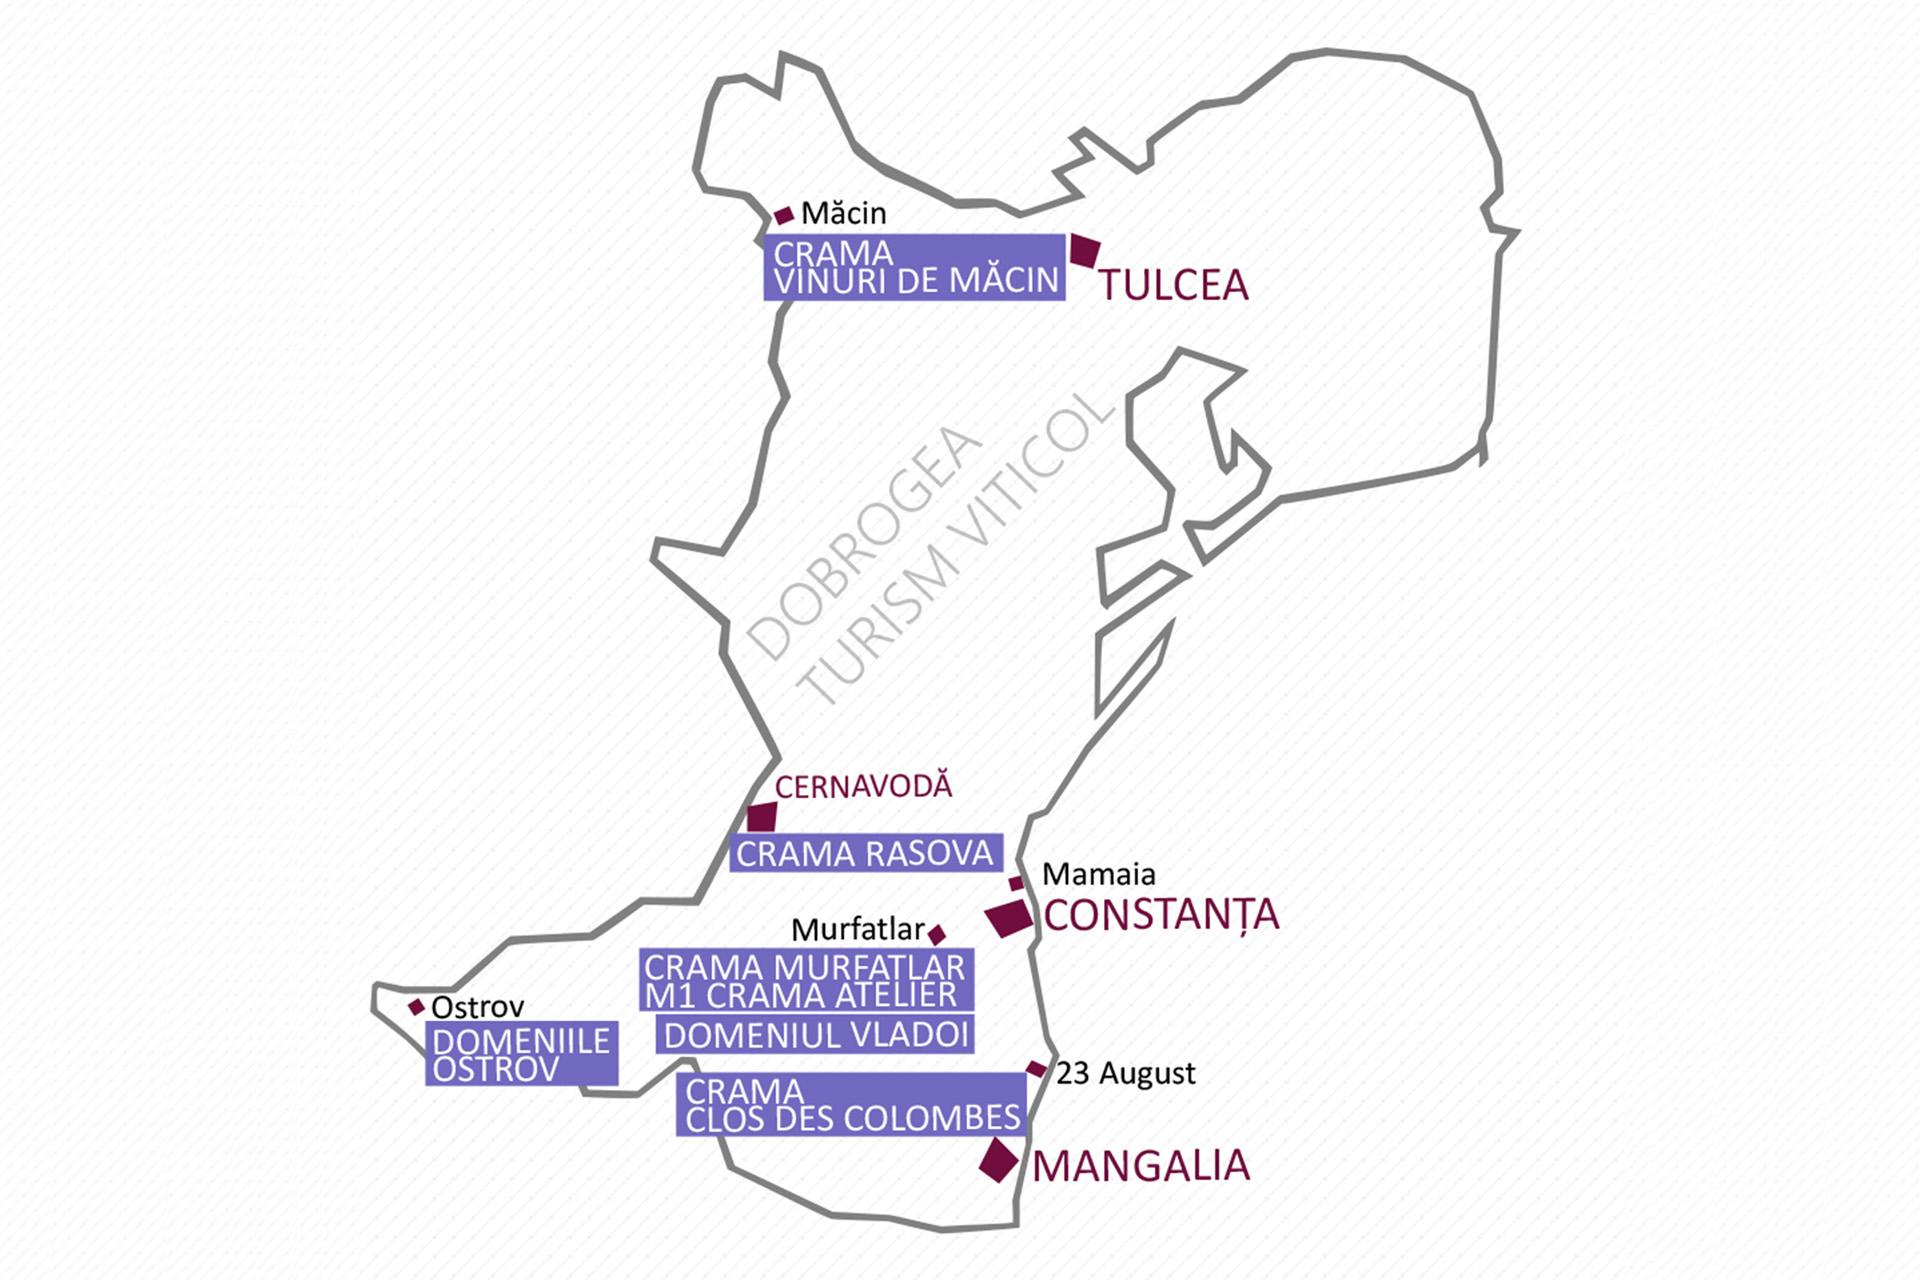 dobrogea_turism_vicitol_romania_cavaleria_ro